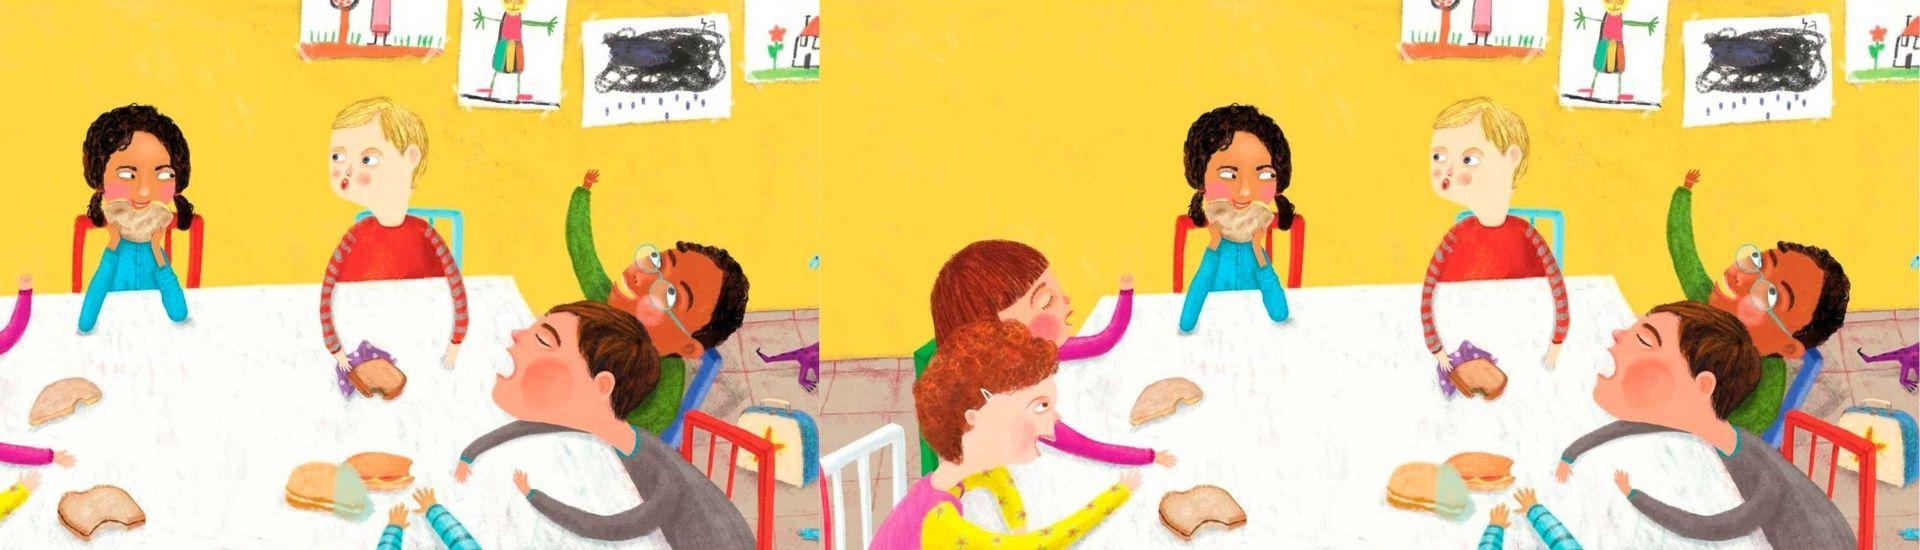 Ilustración de niños y niñas compartiendo